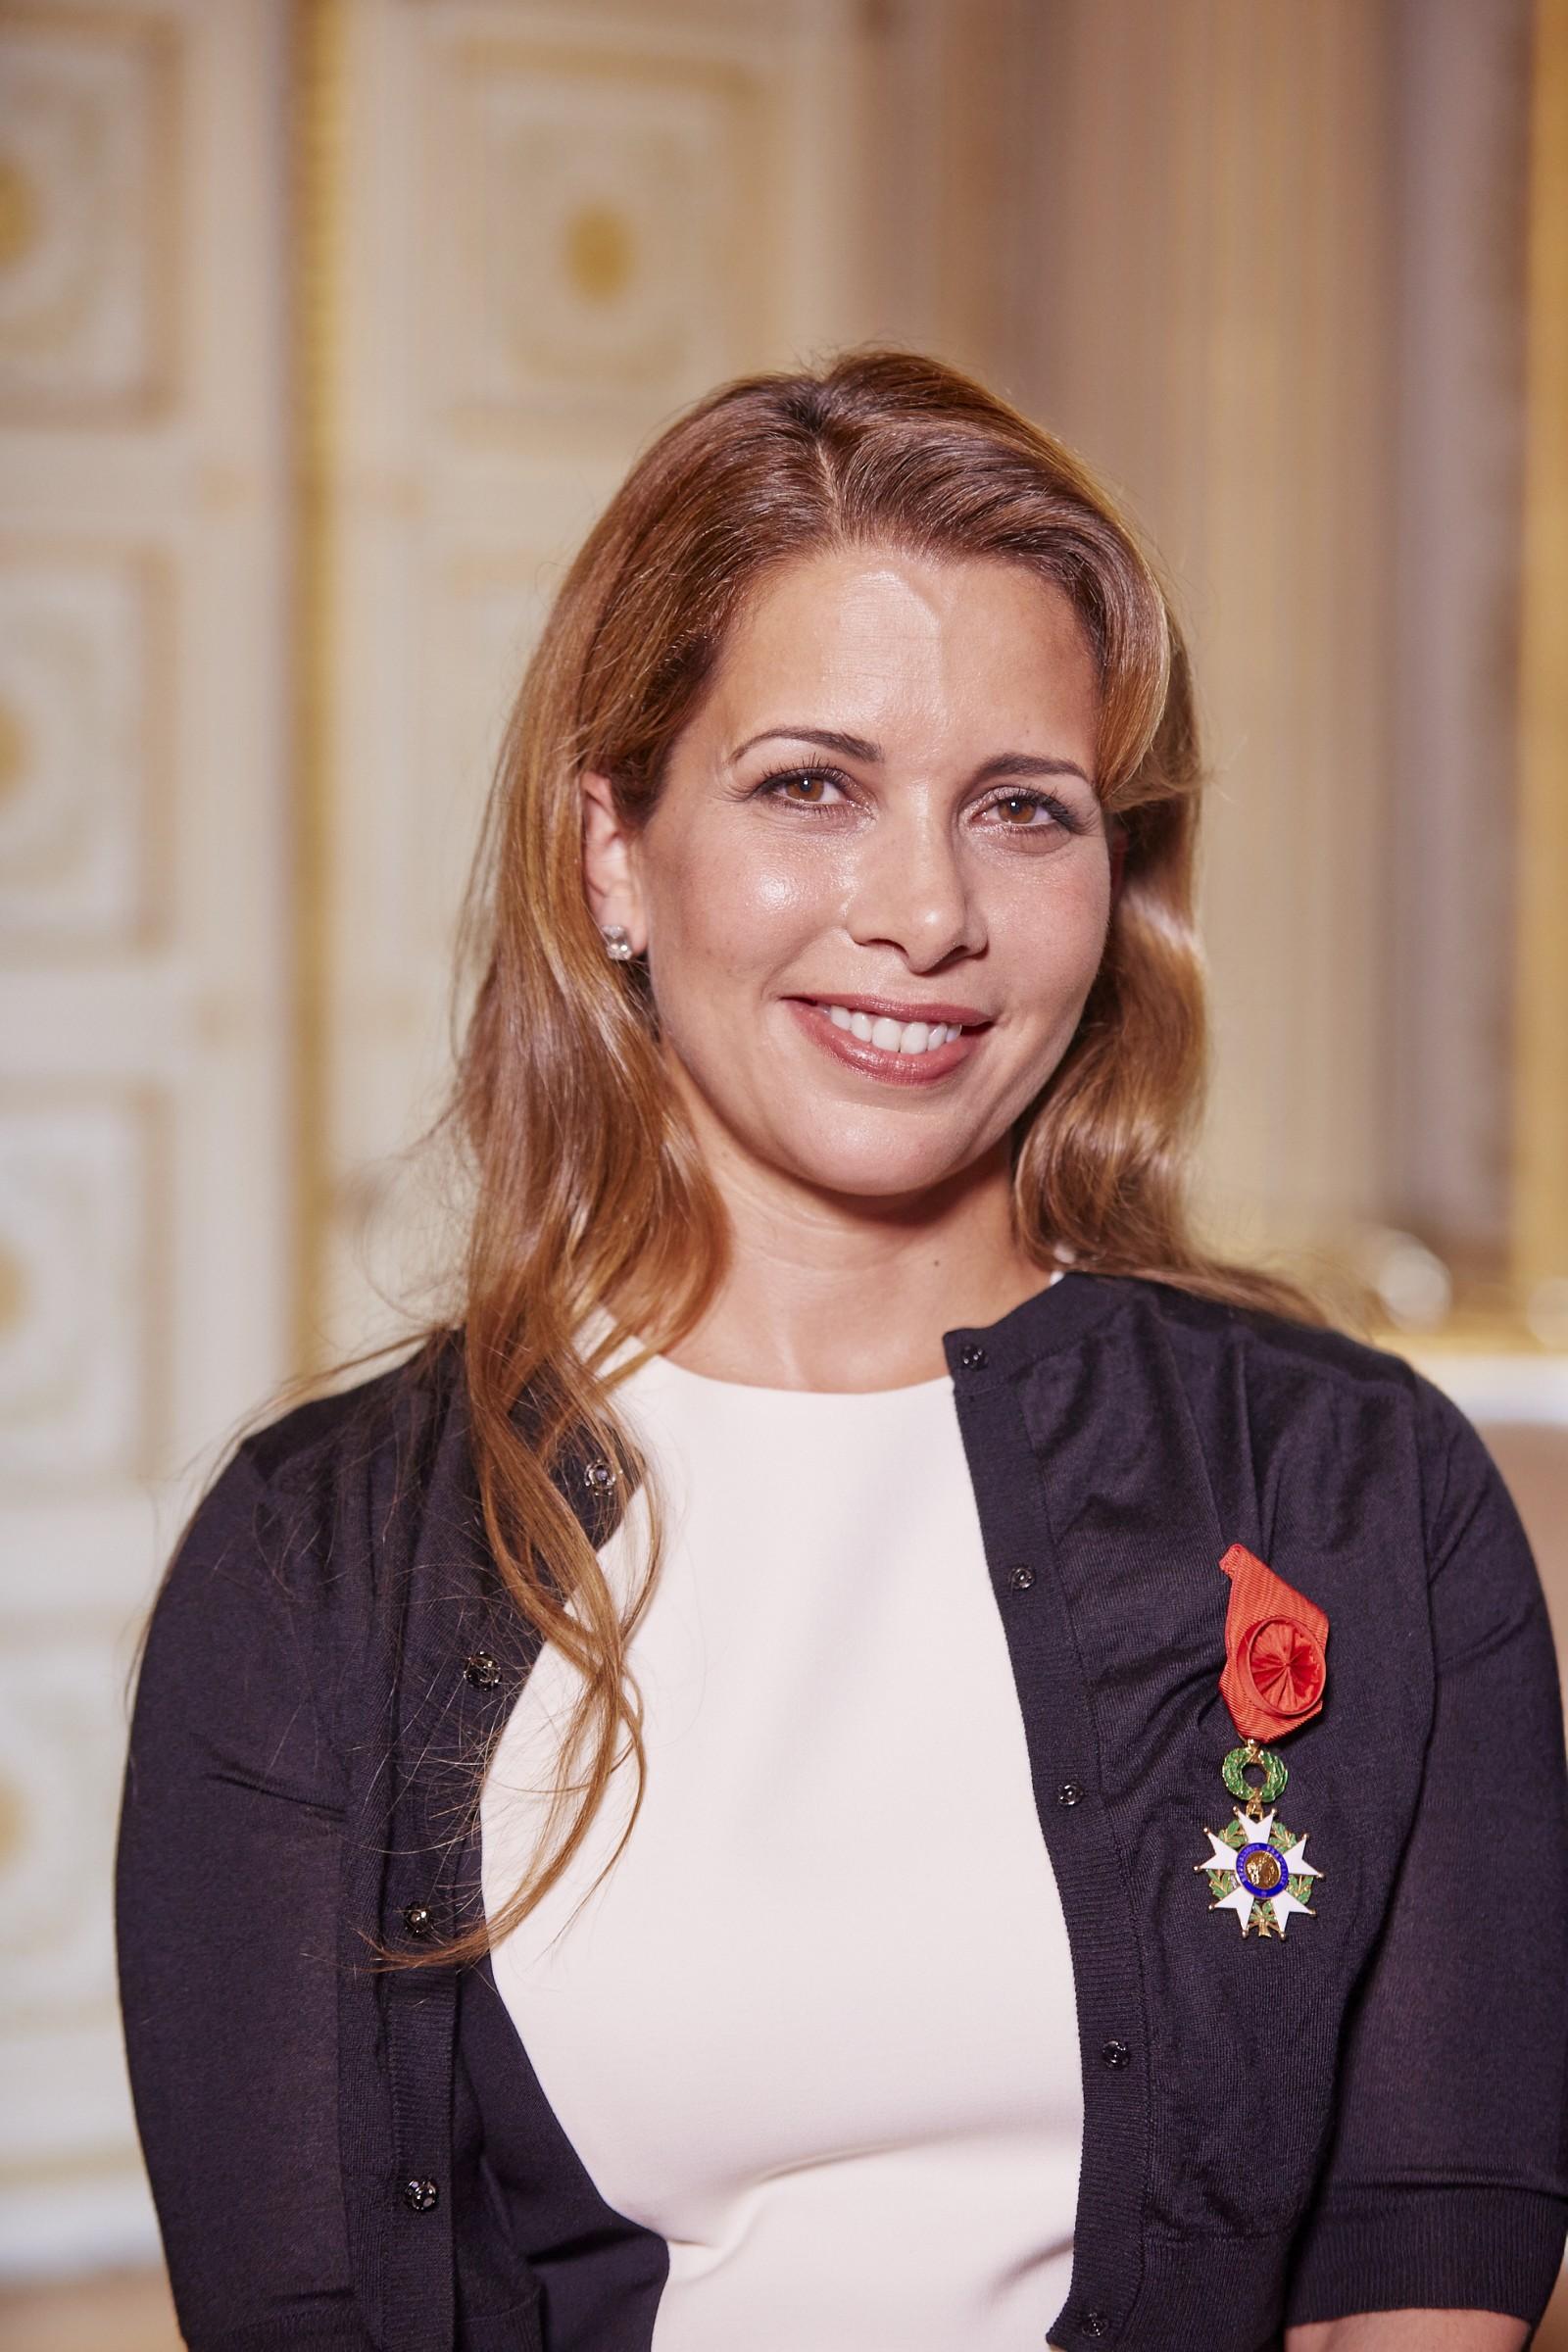 Foto: HRH Princess Haya Bint Al Hussein